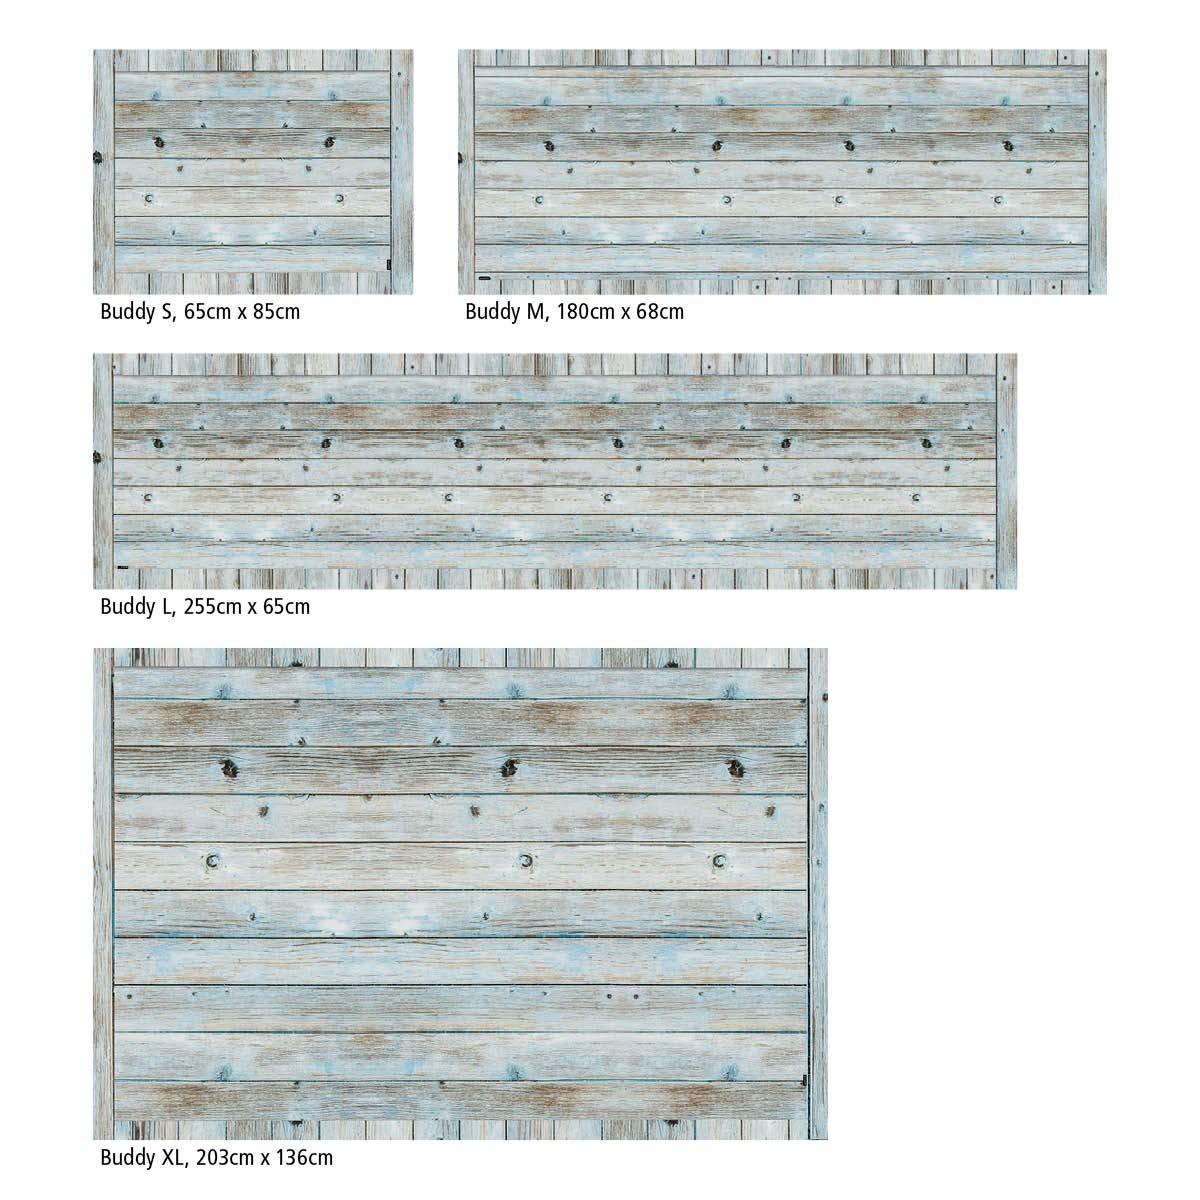 Myspotti - Buddy Chadi Rutschfeste Rutschfeste Rutschfeste Bodenschutzmatte aus Vinyl Badematte Küchenläufer Wohnzimmer Deko (180 x 68 cm) B07H5LV3N3 Lufer fe6edb